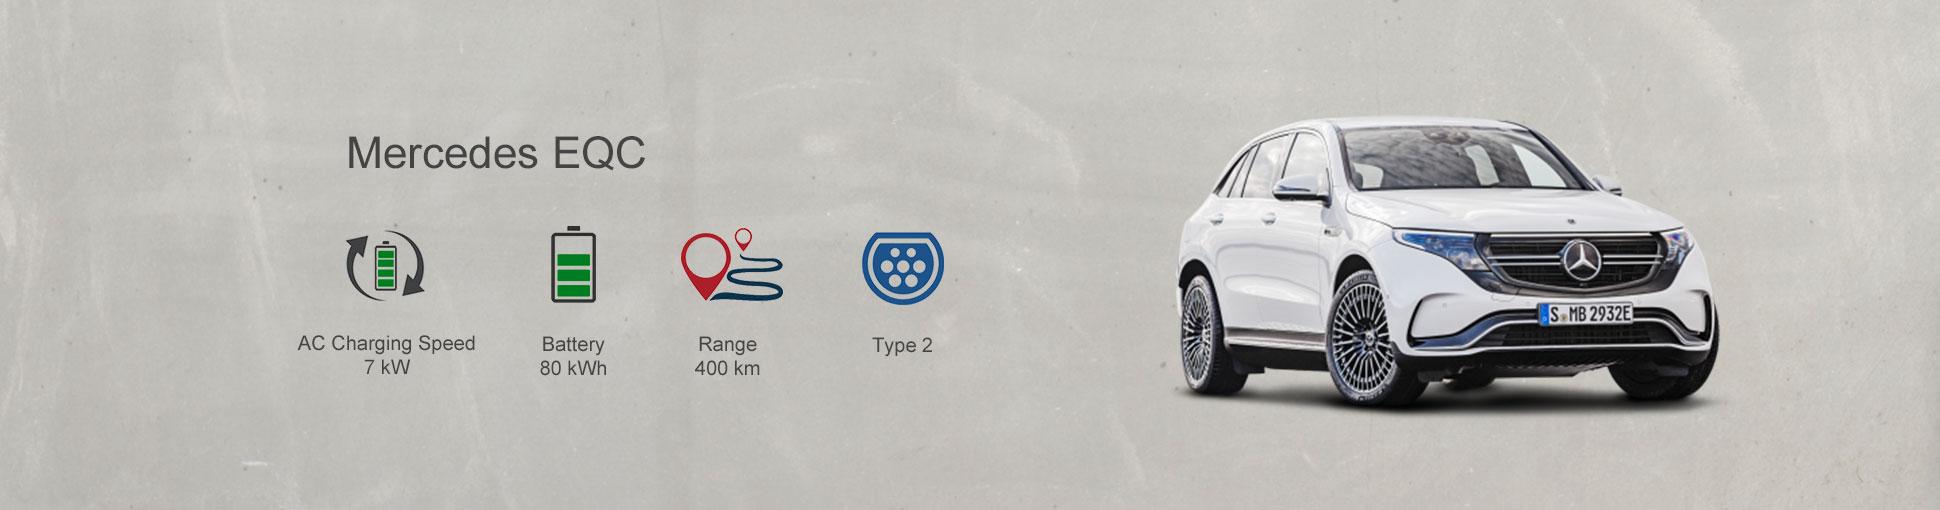 Mercedes EV Charging Station charger